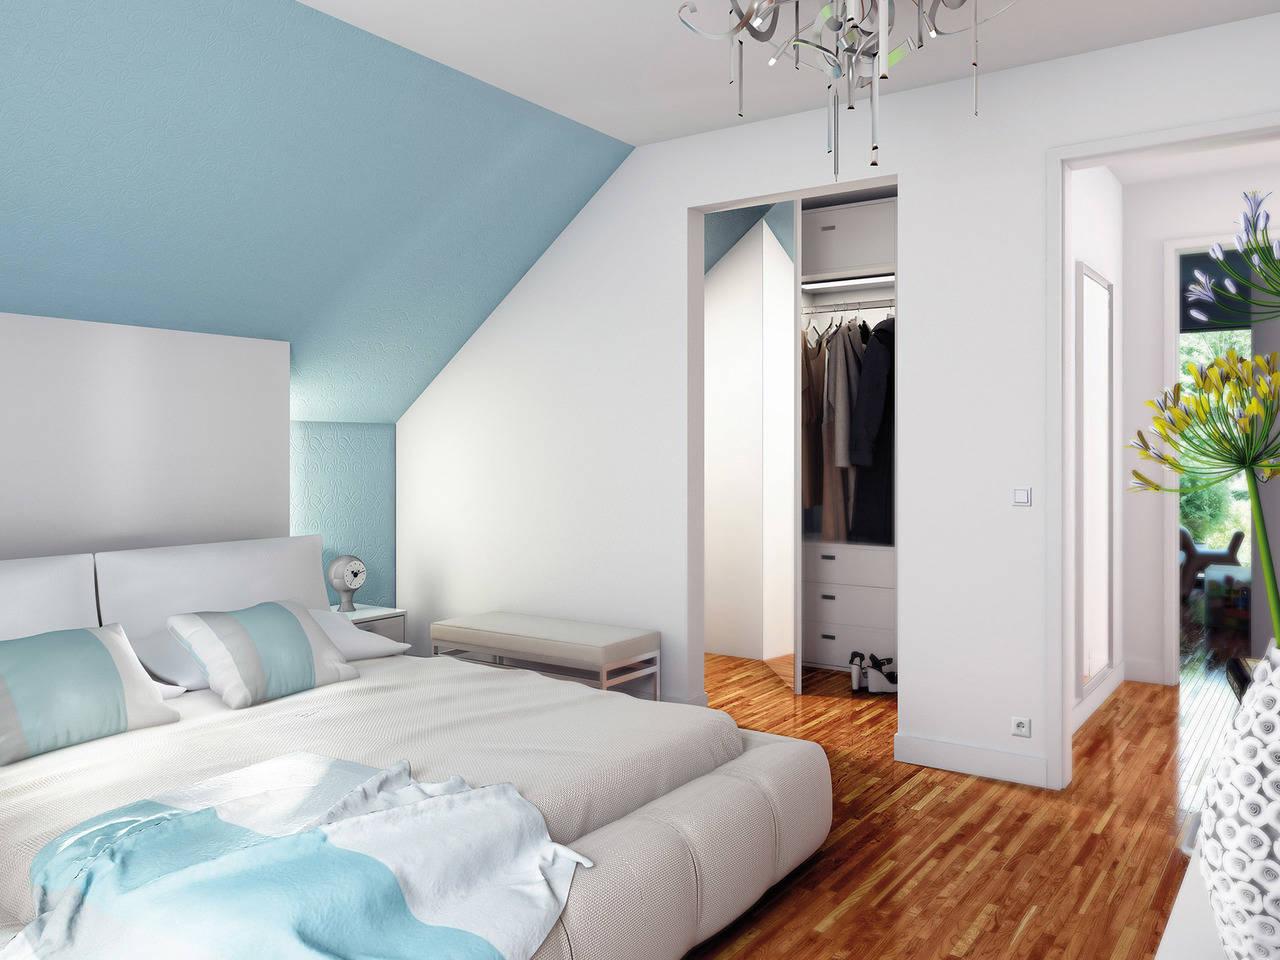 Haus SOLUTION 151 V3 Schlafzimmer von Living Haus